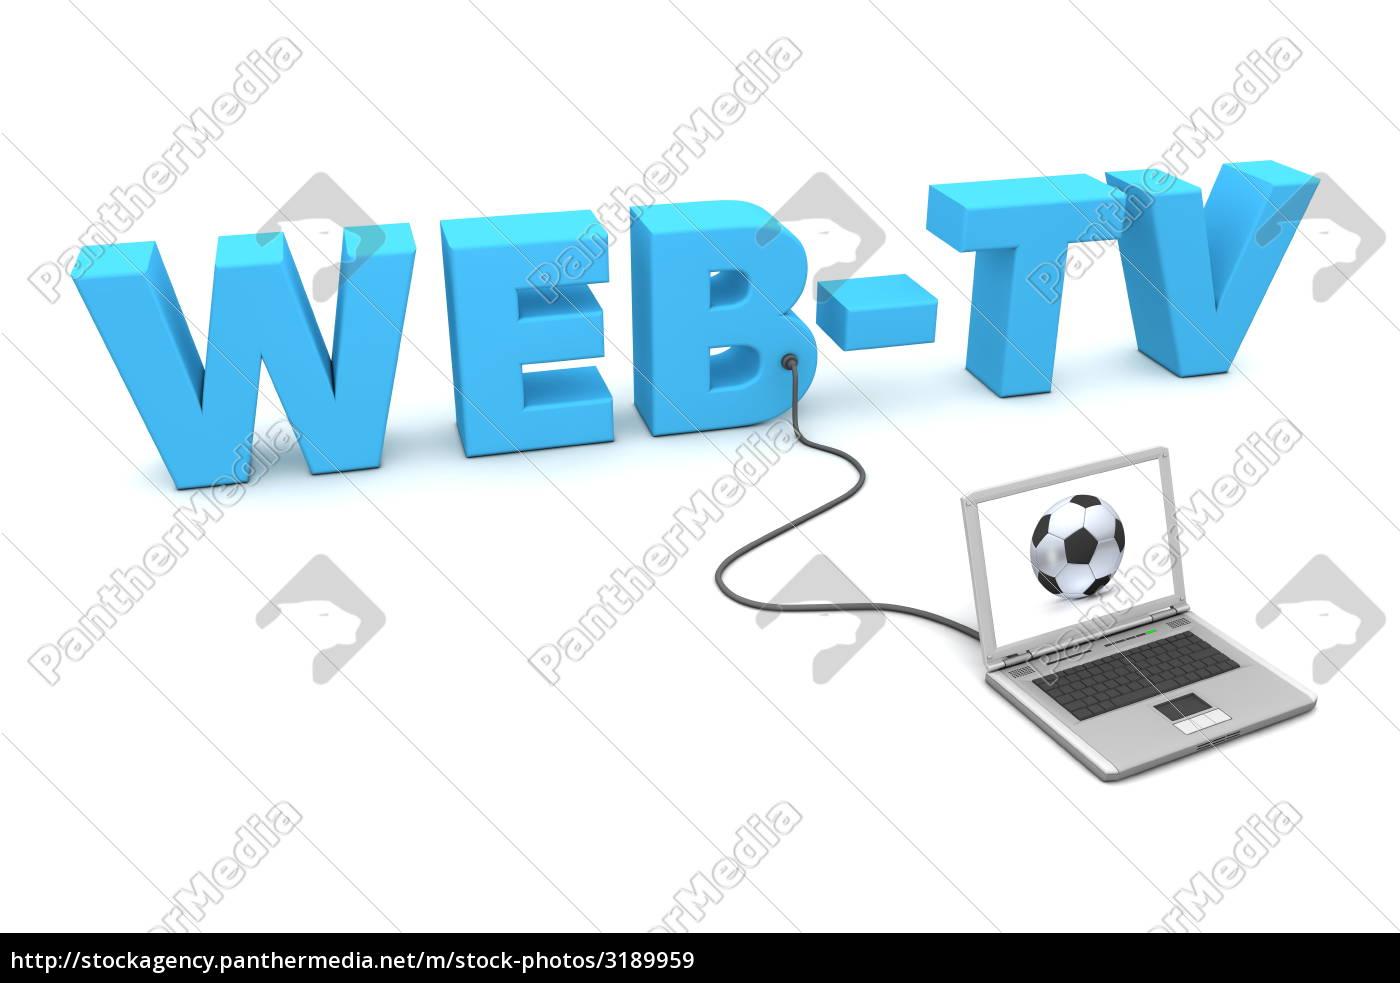 laptop, wired, to, webtv - 3189959